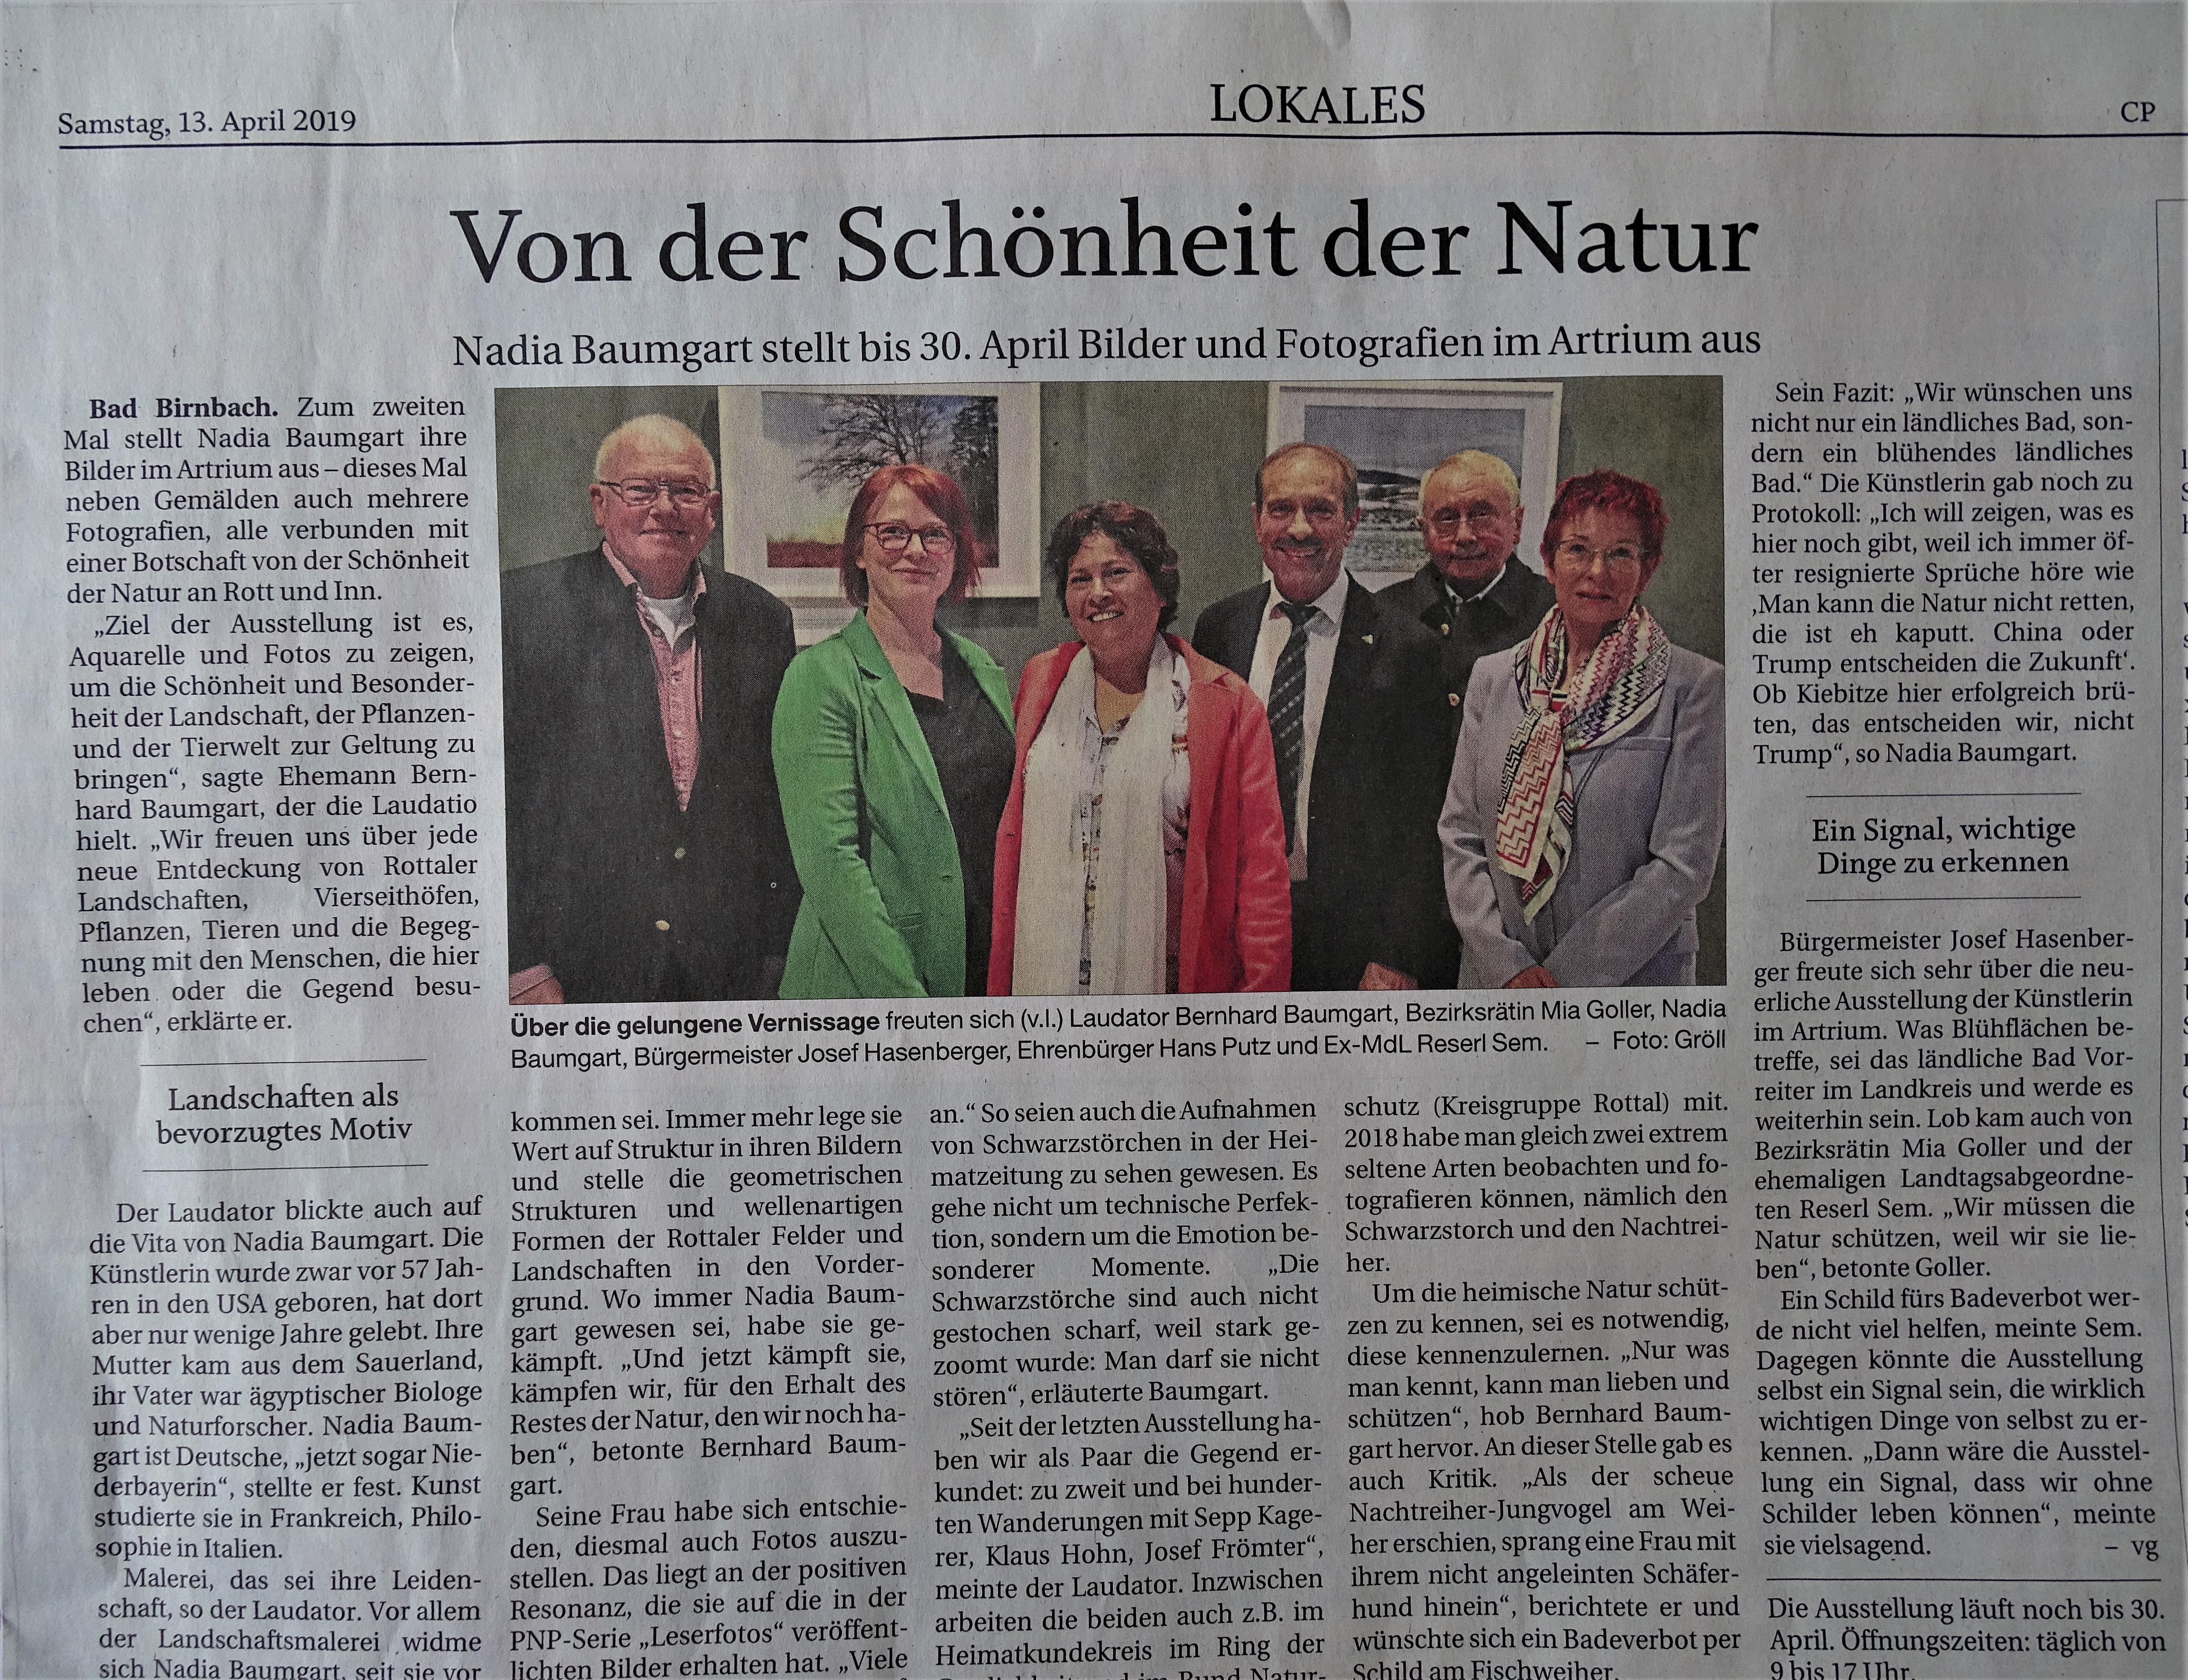 Ausstellung Artrium Landschaft und Natur in Rottal-Inn - Kunst - Nadia Baumgart - Bad Birnbach